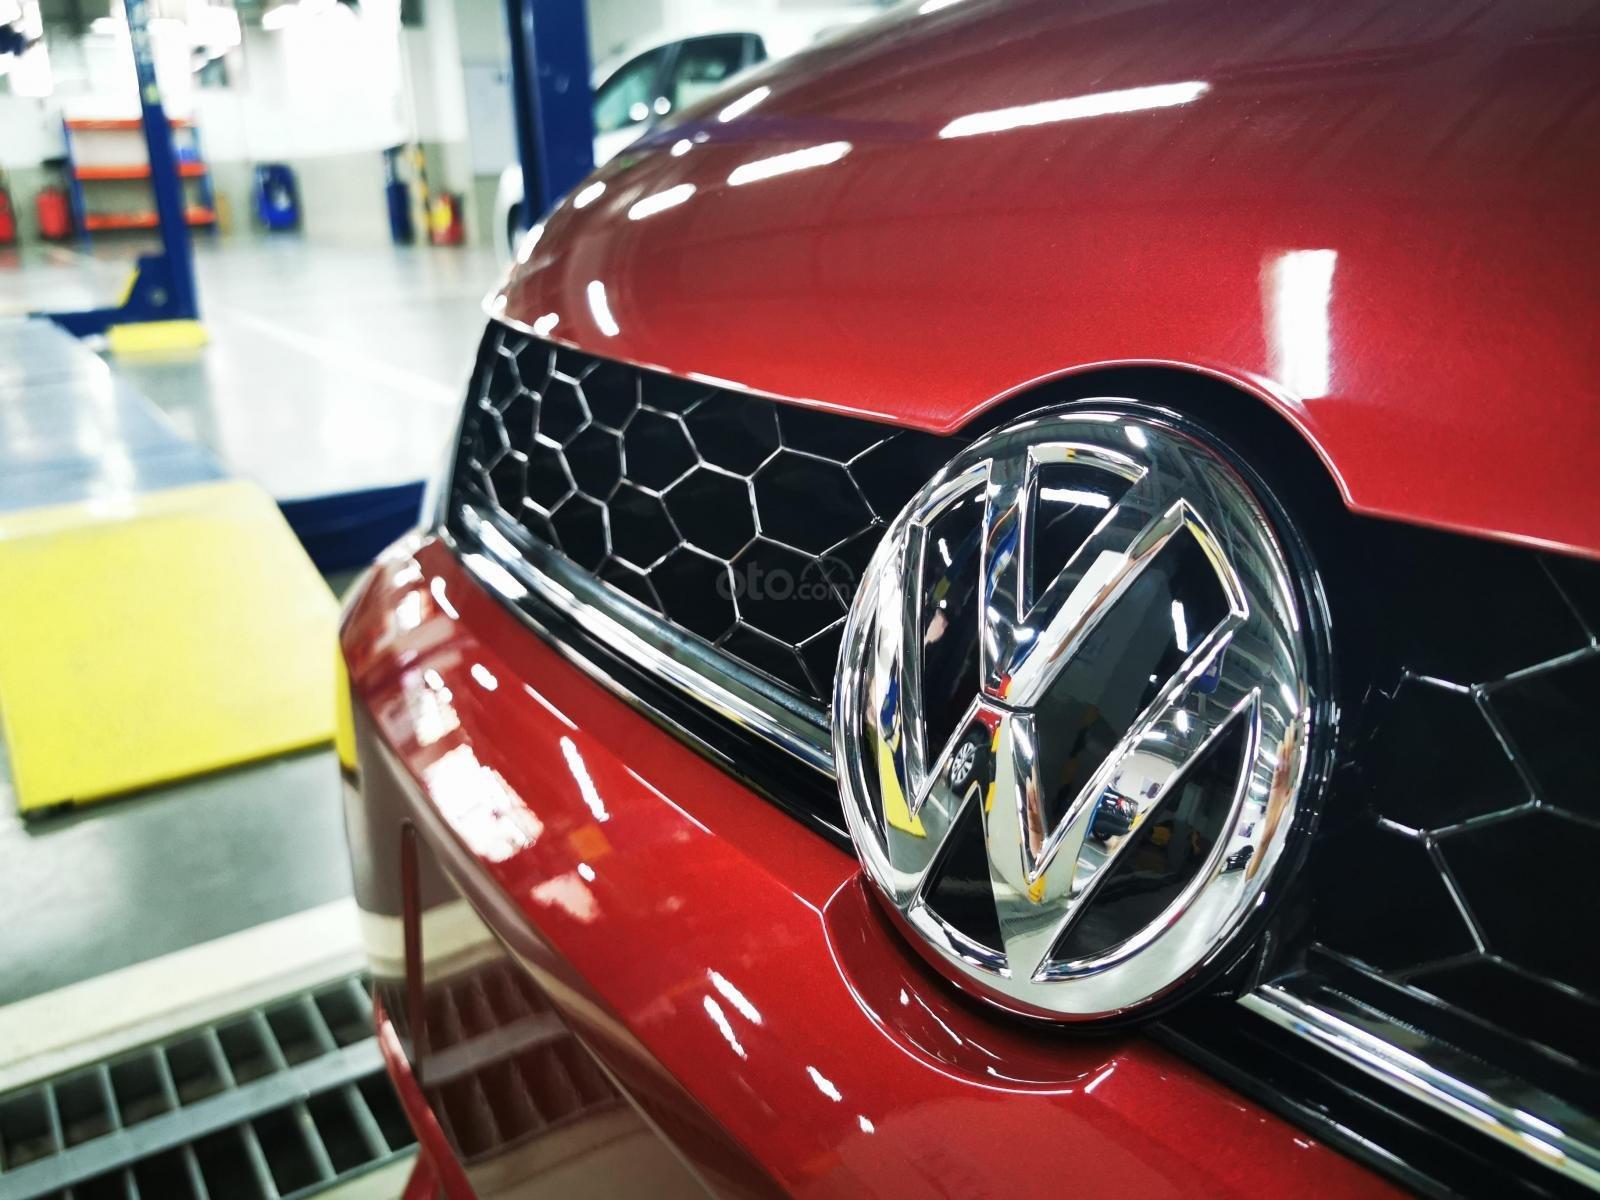 VW Polo Hatchback 2020 màu đỏ Sunset mới lạ đẹp mắt và đầy ấn tượng, ưu đãi bất ngờ. LH ngay 0903.310.412 (4)